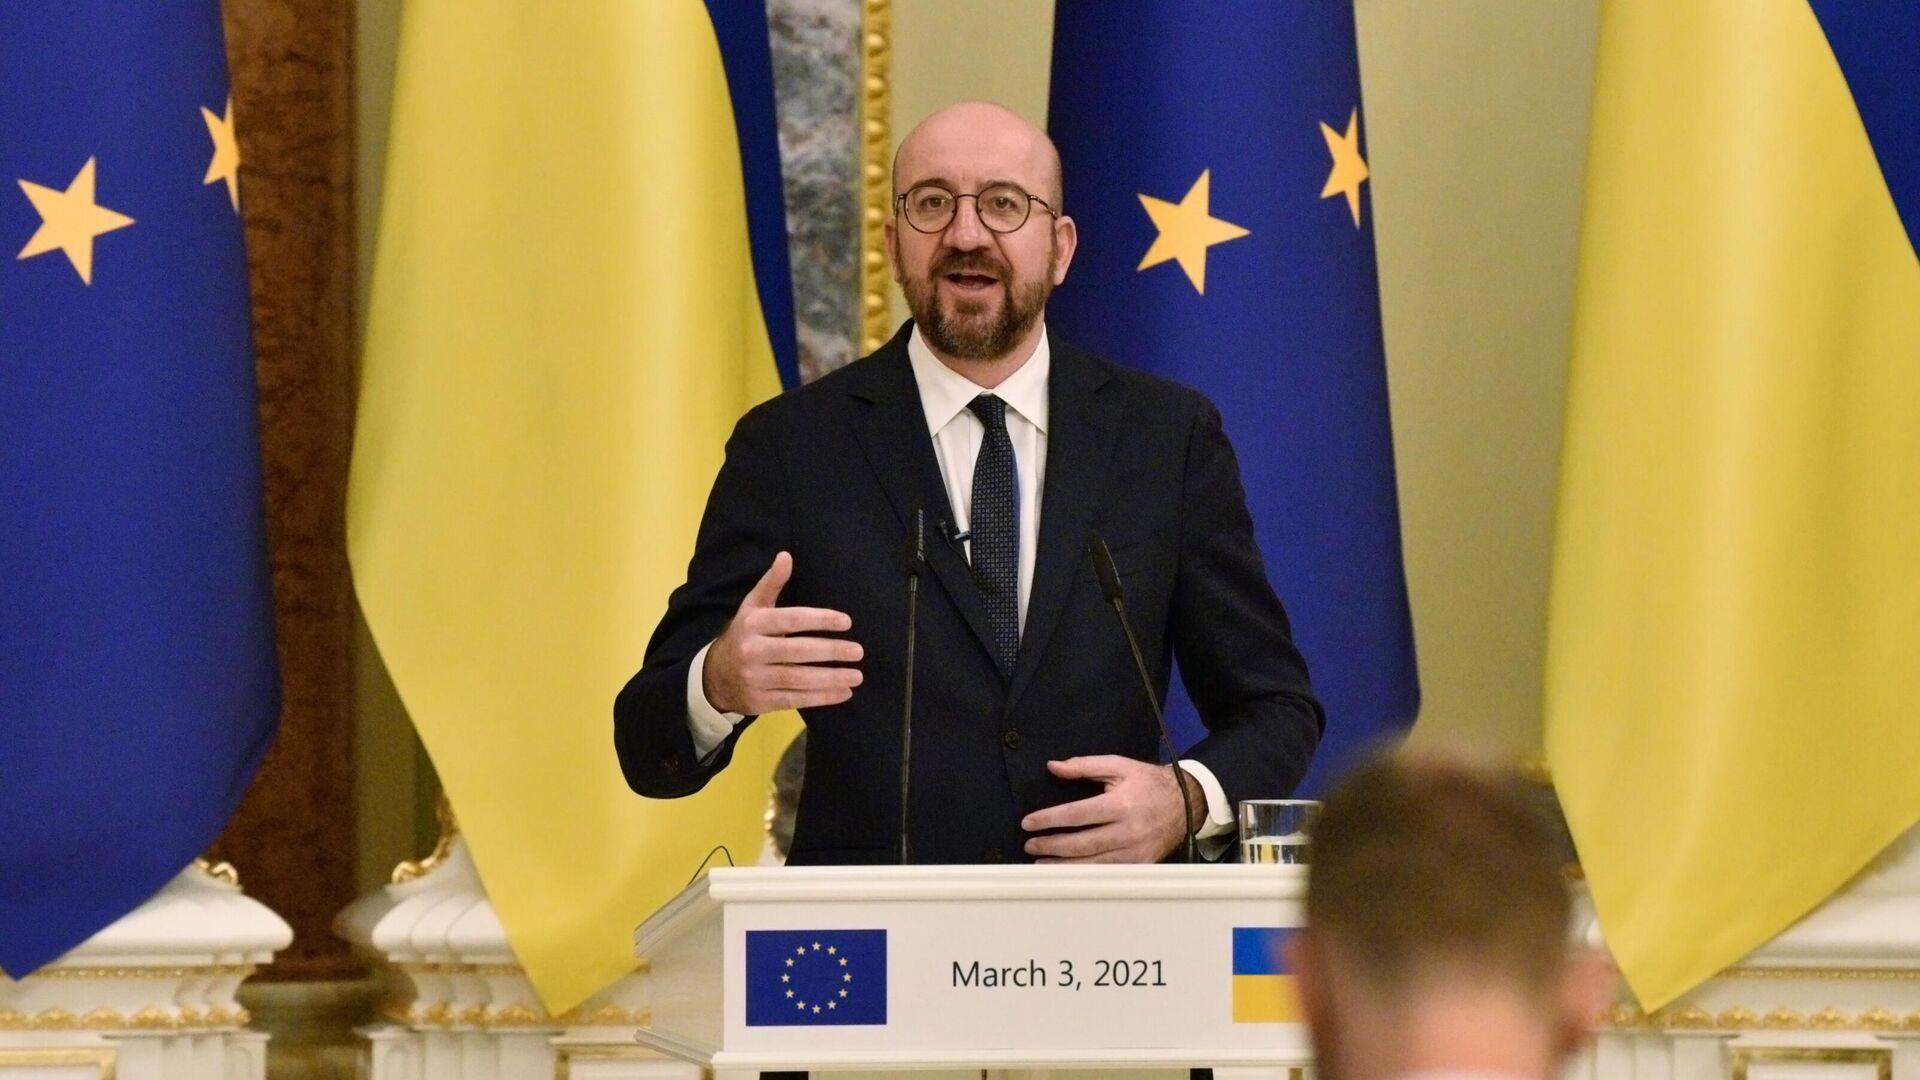 Президент Европейского союза Шарль Мишель в Киеве  - РИА Новости, 1920, 04.03.2021